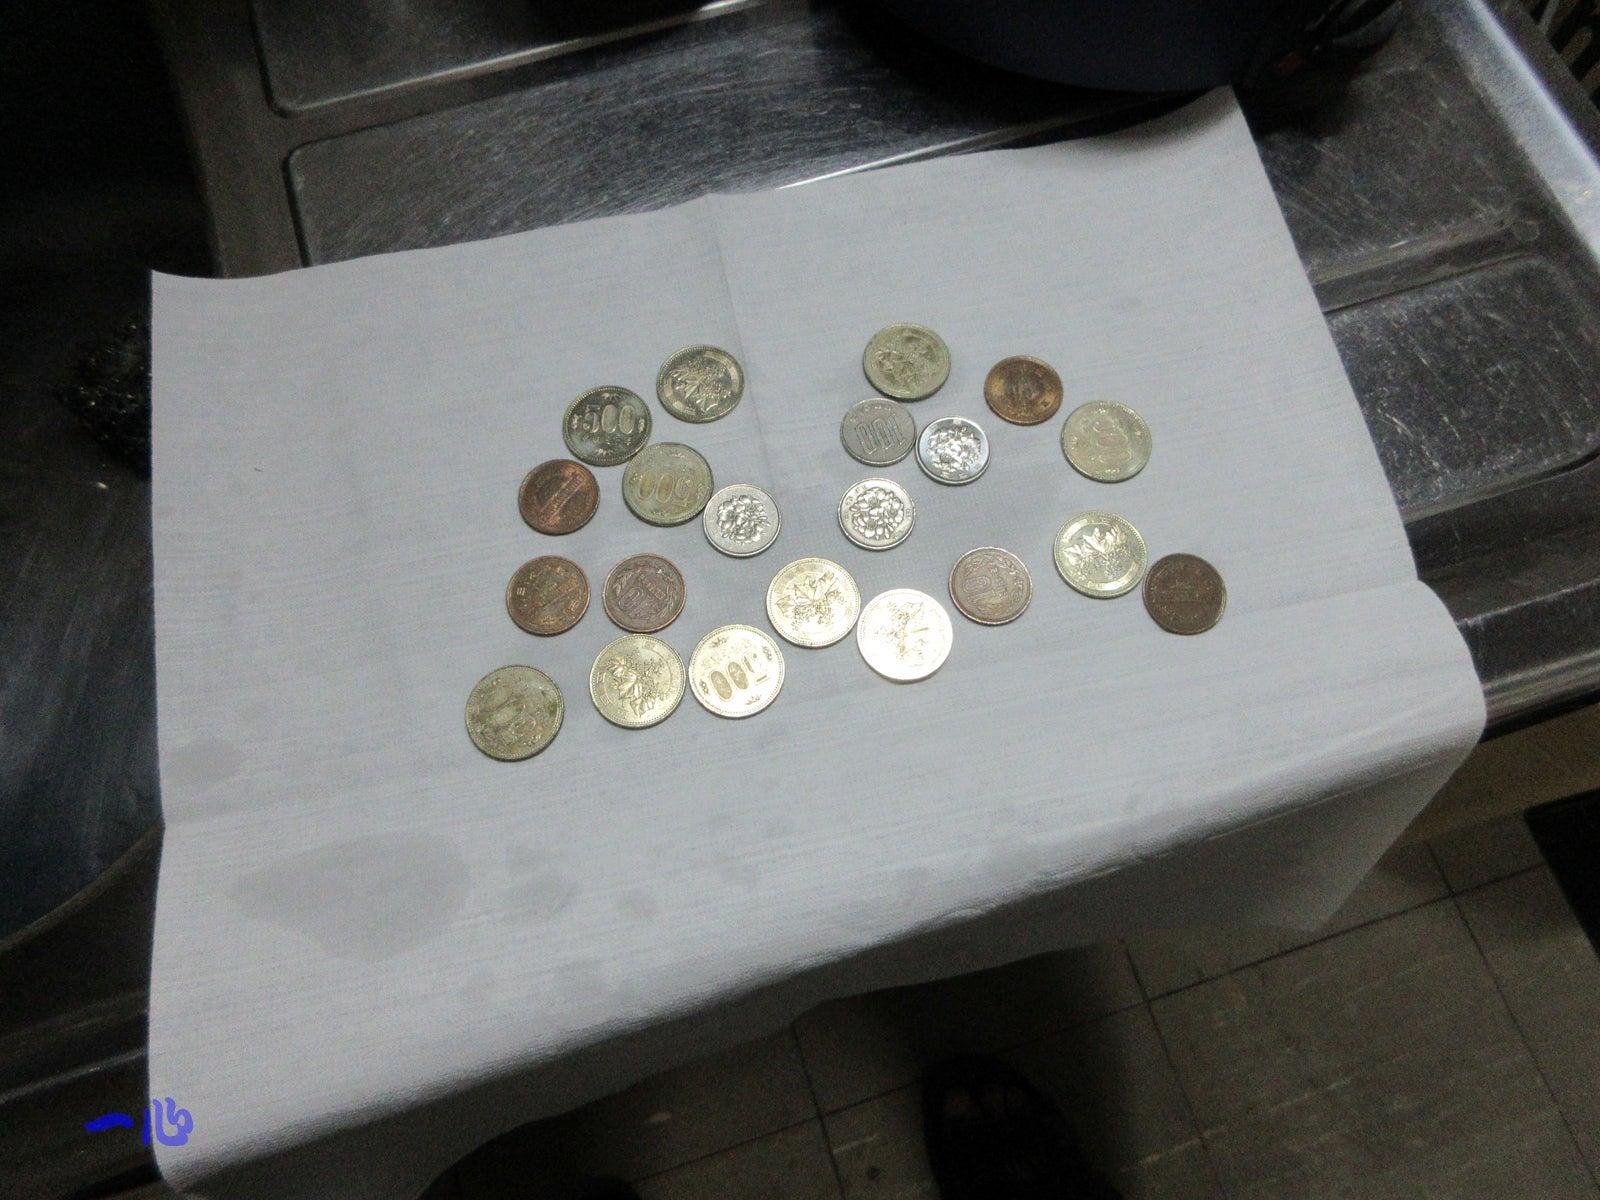 洗い 硬貨 方 の